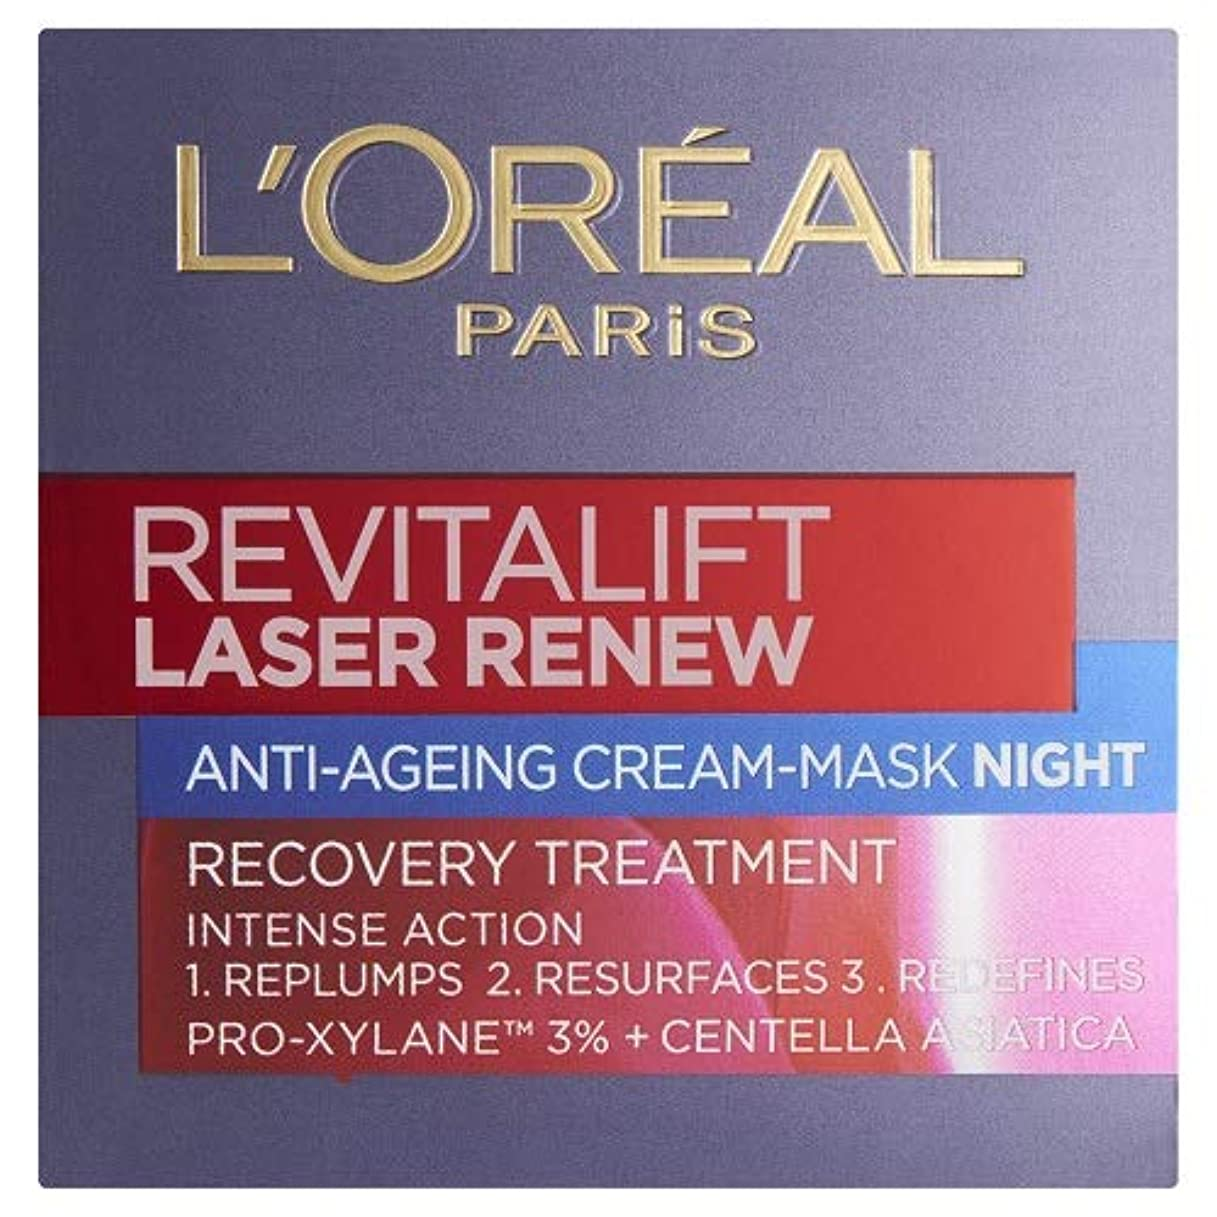 救い辛な獲物L'Oreal Paris Revitalift Laser Renew Night Cream (50ml) パリrevitaliftレーザーはナイトクリームを更新l'オラ?ら( 50ミリリットル)